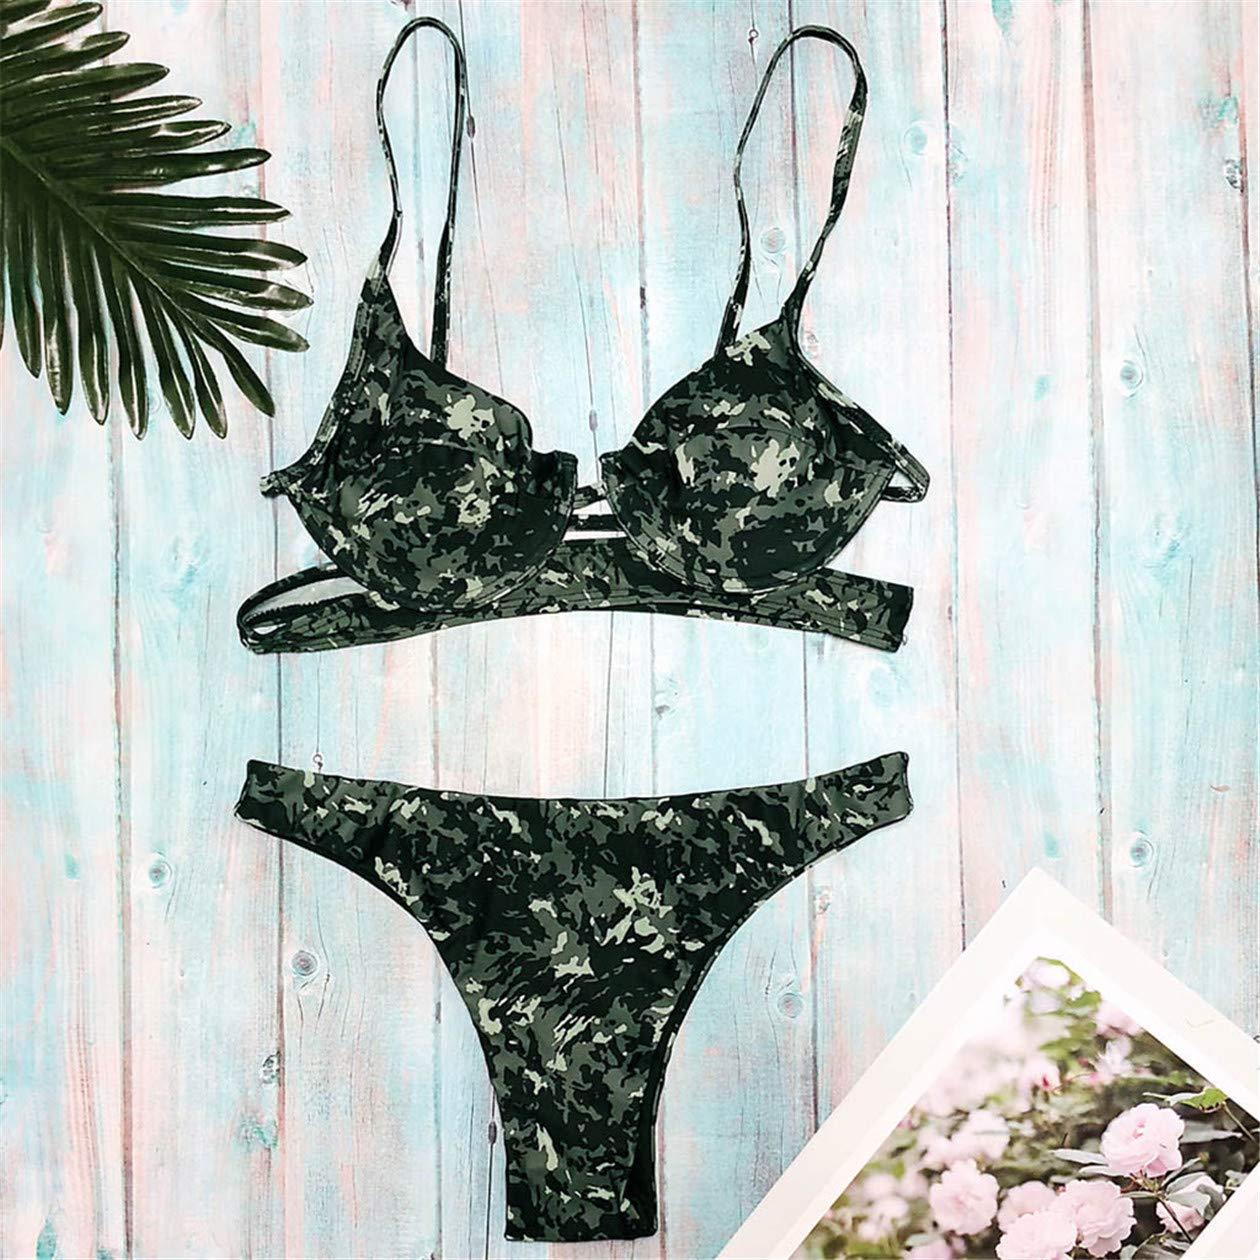 bf890b5cca Maillots de Bain Femme ZahuihuiM Beachwear 2019 Nouveau 2 Pièces Fahsion  Sexy Imprimé Bikini Maillot de Bain Maillot de Bain pour Les Vacances:  Amazon.fr: ...